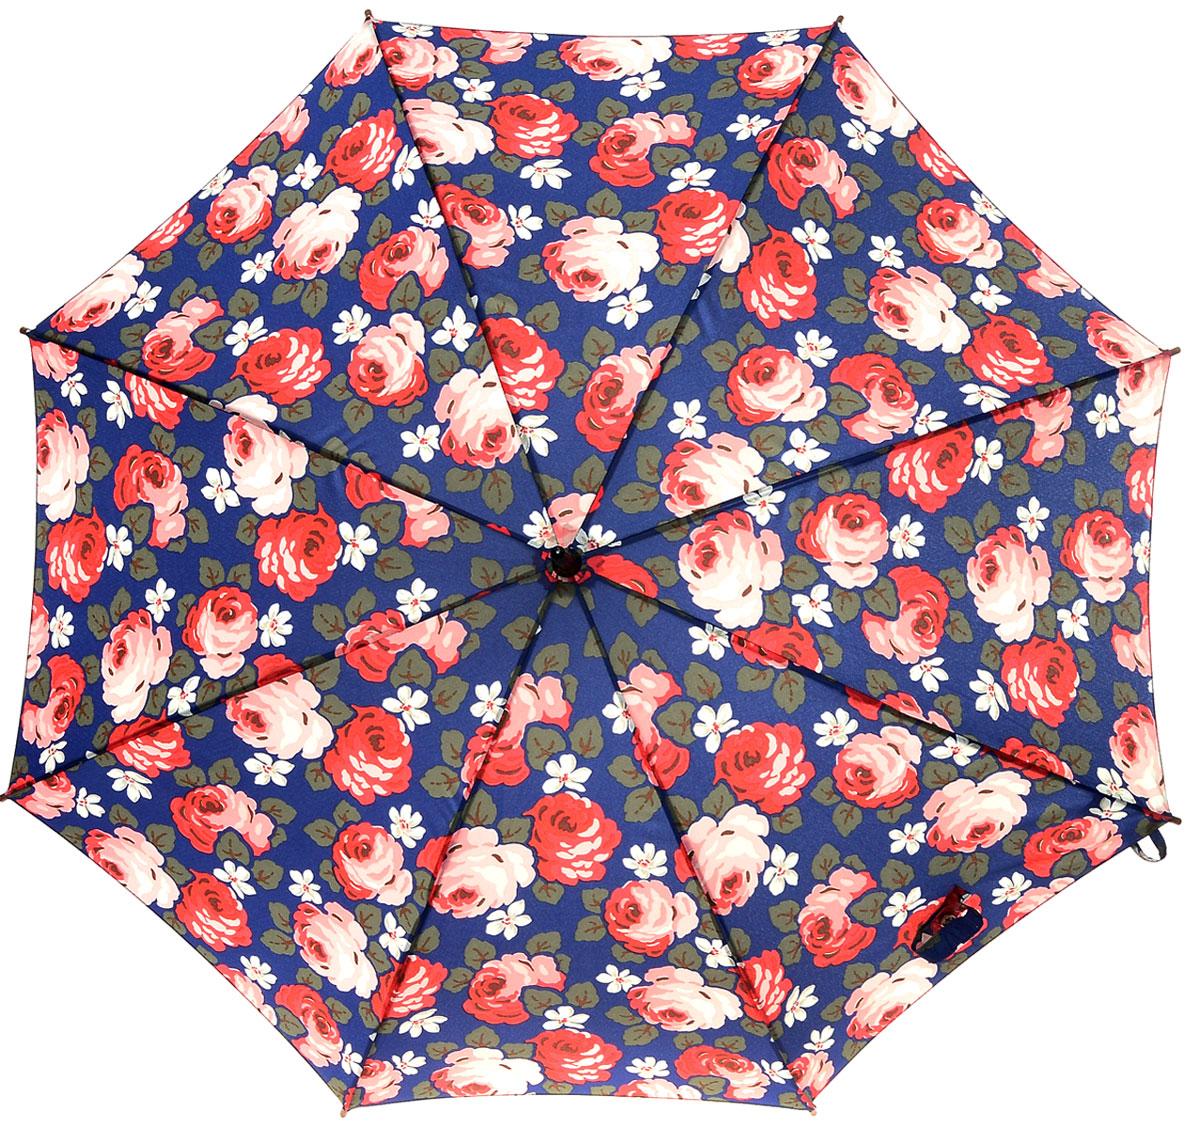 Зонт-трость женский Cath Kidston Kensington, механический, цвет: темно-синий, красный, розовый, темно-зеленый. L541-2741REM12-CAM-GREENBLACKЯркий механический зонт-трость Cath Kidston Kensington даже в ненастную погоду позволит вам оставаться стильной и элегантной. Каркас зонта включает 8 спиц из фибергласса с деревянным наконечниками. Стержень изготовлен из дерева. Купол зонта выполнен из износостойкого полиэстера и оформлен цветочным принтом. Изделие дополнено удобной рукояткой из гладкого дерева.Зонт механического сложения: купол открывается и закрывается вручную до характерного щелчка. Модель дополнительно застегивается с помощью двух хлястиков: на кнопку и липучку с декоративной пуговицей.Такой зонт не только надежно защитит вас от дождя, но и станет стильным аксессуаром, который идеально подчеркнет ваш неповторимый образ.